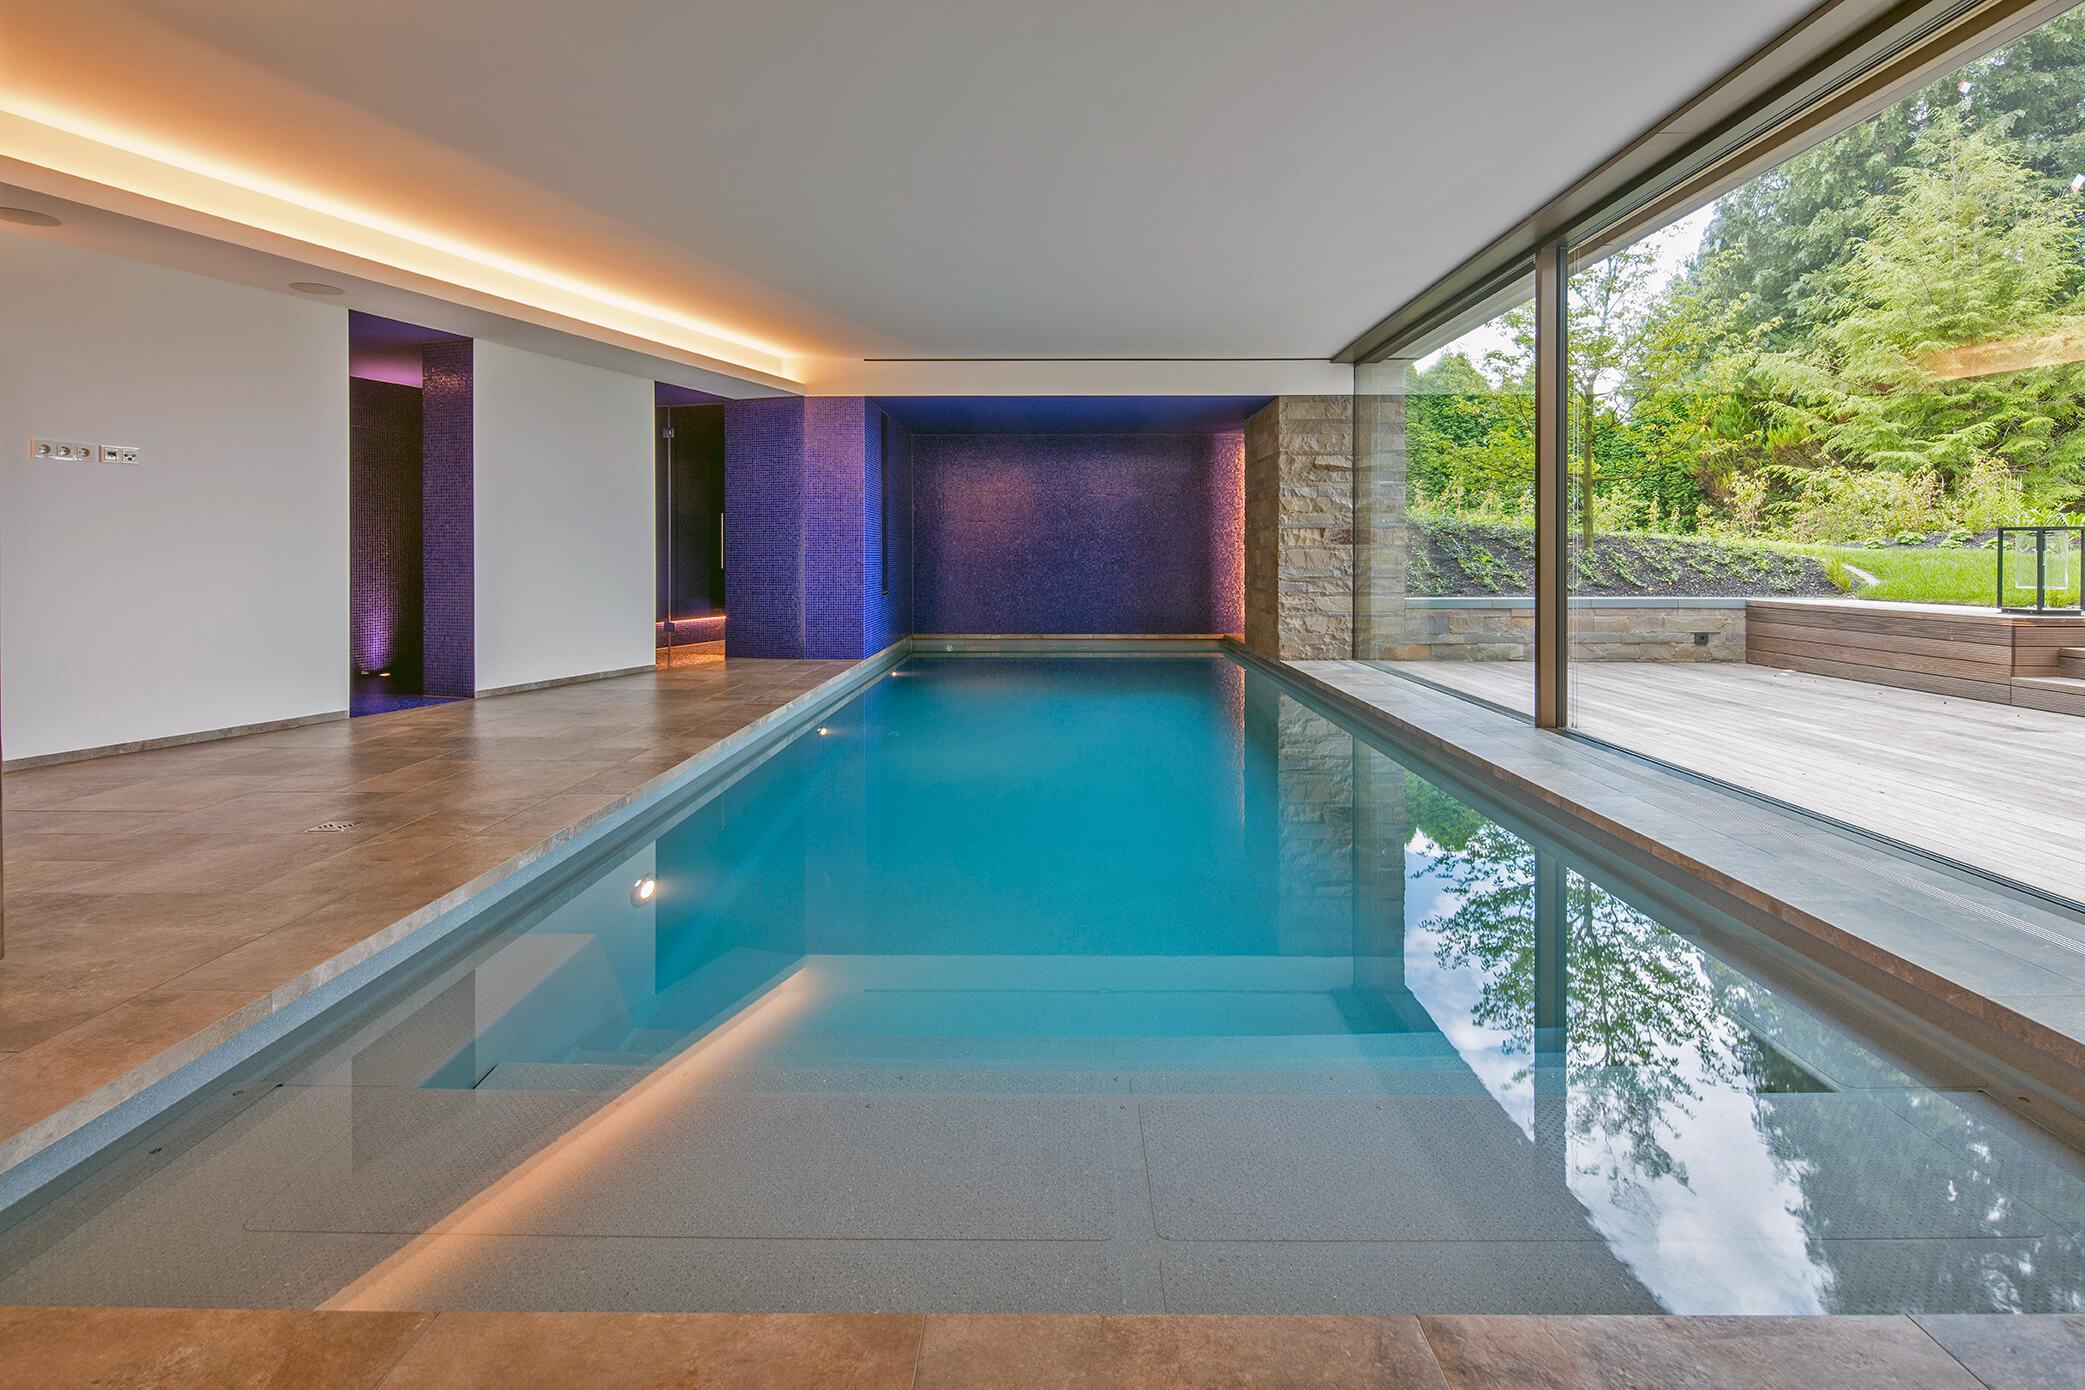 Indoorpools - Steinbauer GmbH - Ospa Schwimmbadbau Heizung ...